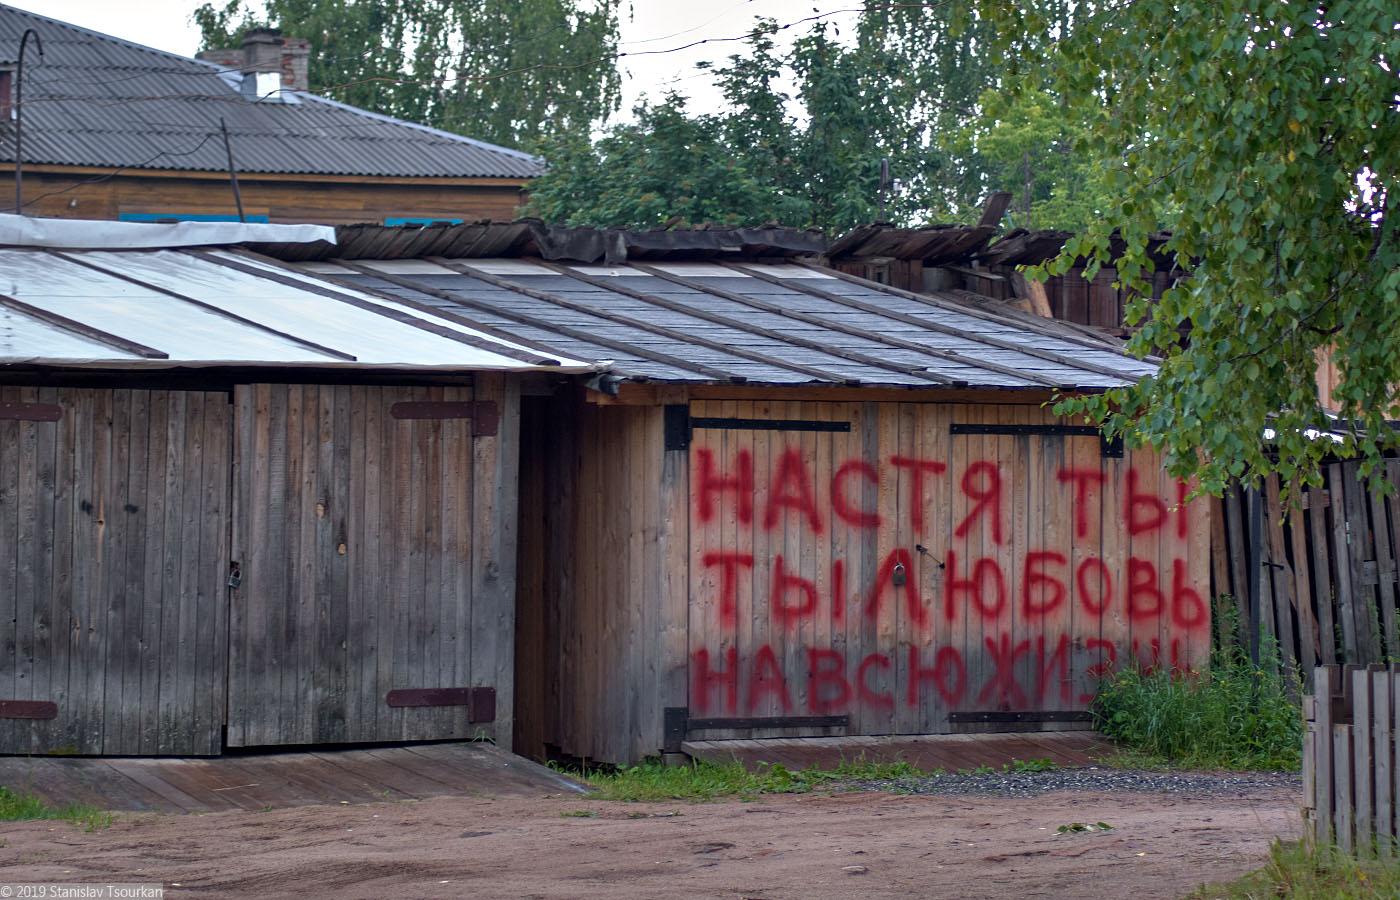 Вологодская область, Вологодчина, Великий устюг, Русский север, крик души, Настя